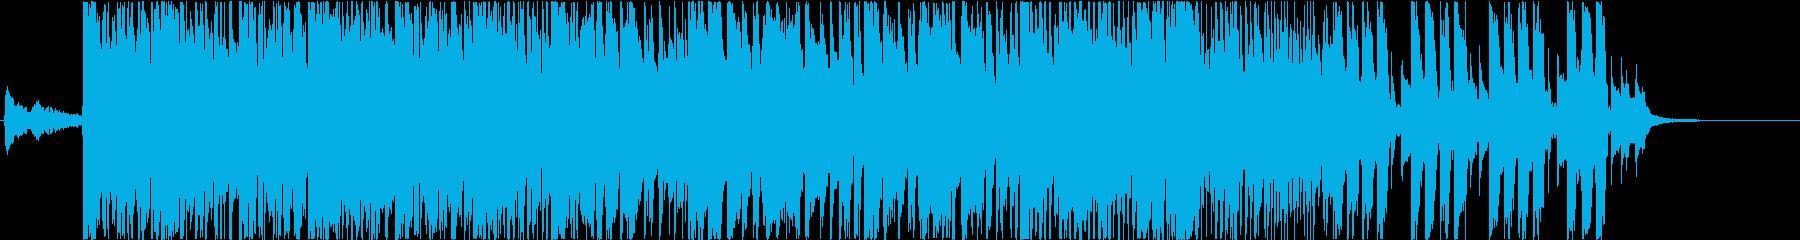 ヘヴィでダークな三味線和風ロック-短縮版の再生済みの波形